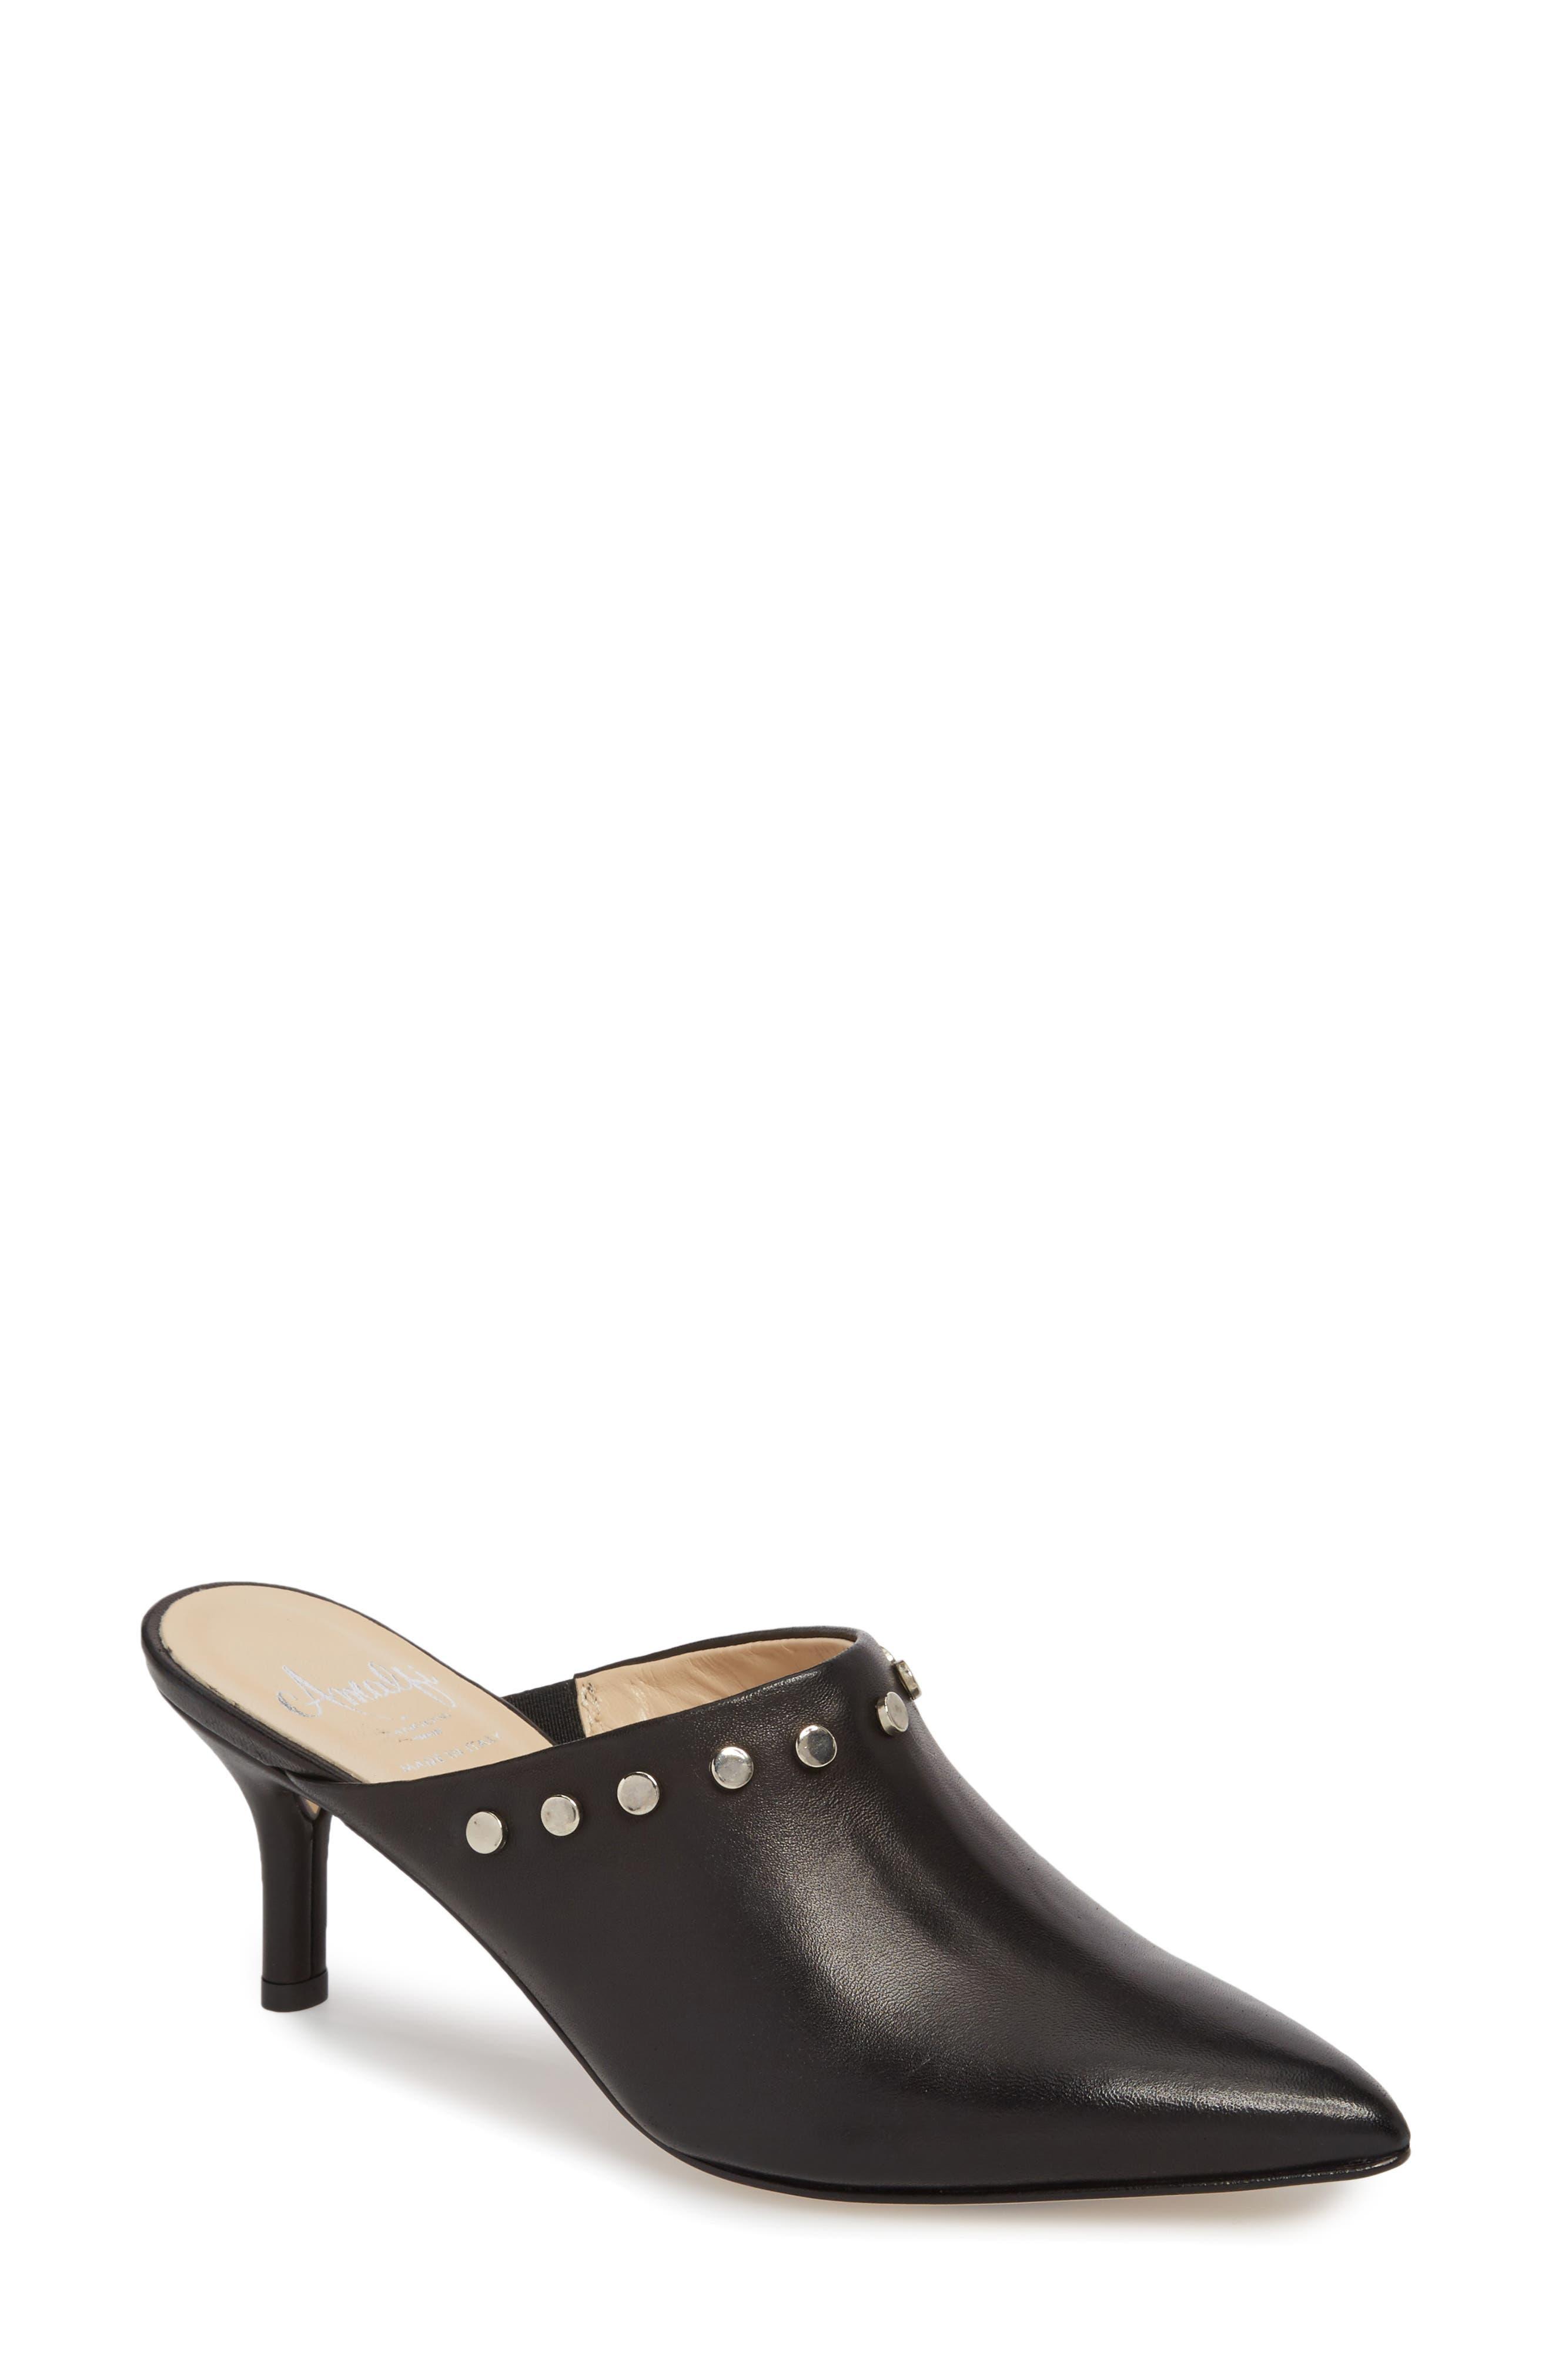 Priamo Mule,                         Main,                         color, Black Leather